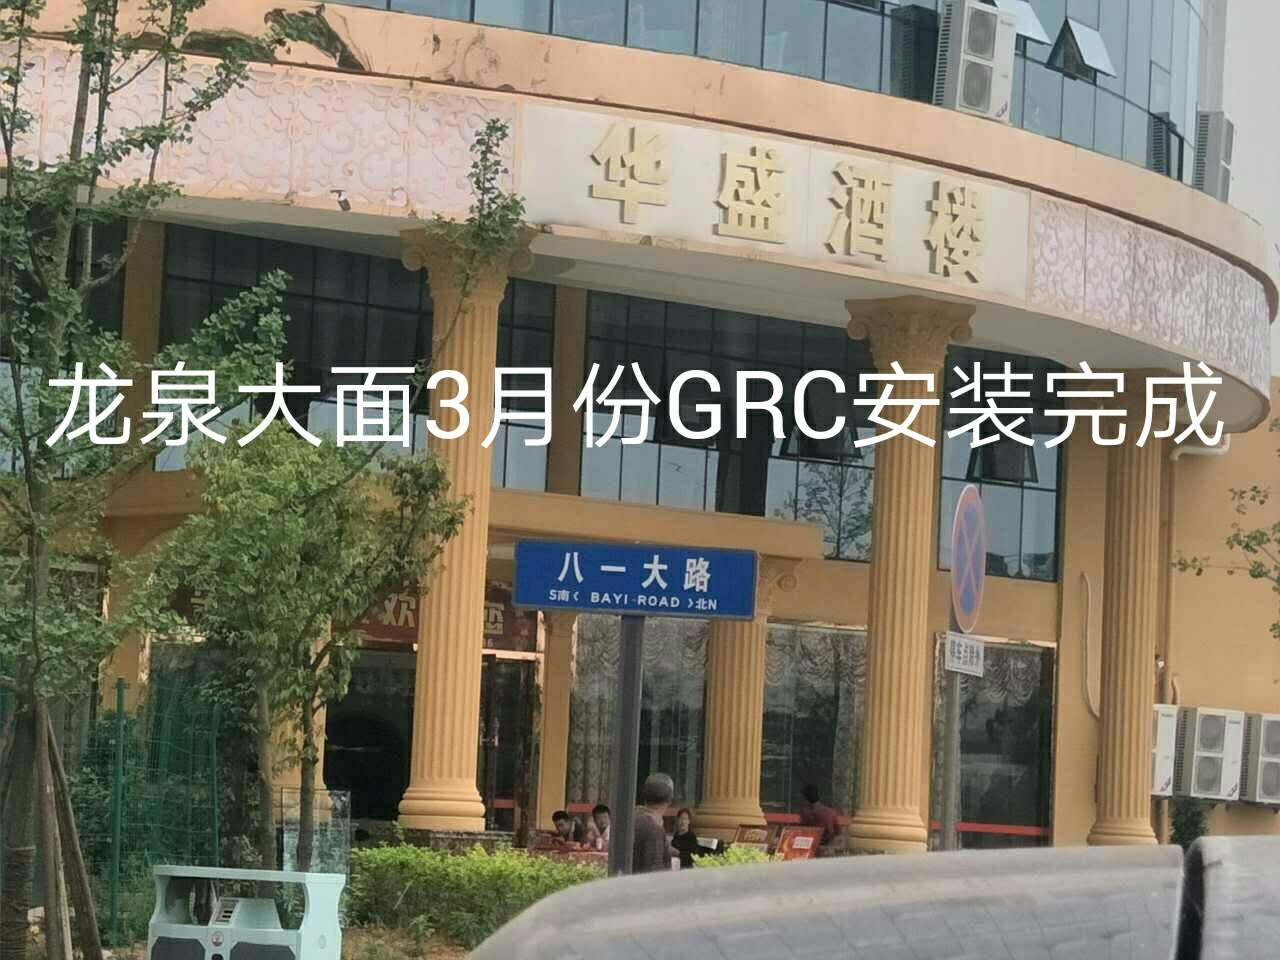 四川GRC罗马柱-龙泉驿区案例展示